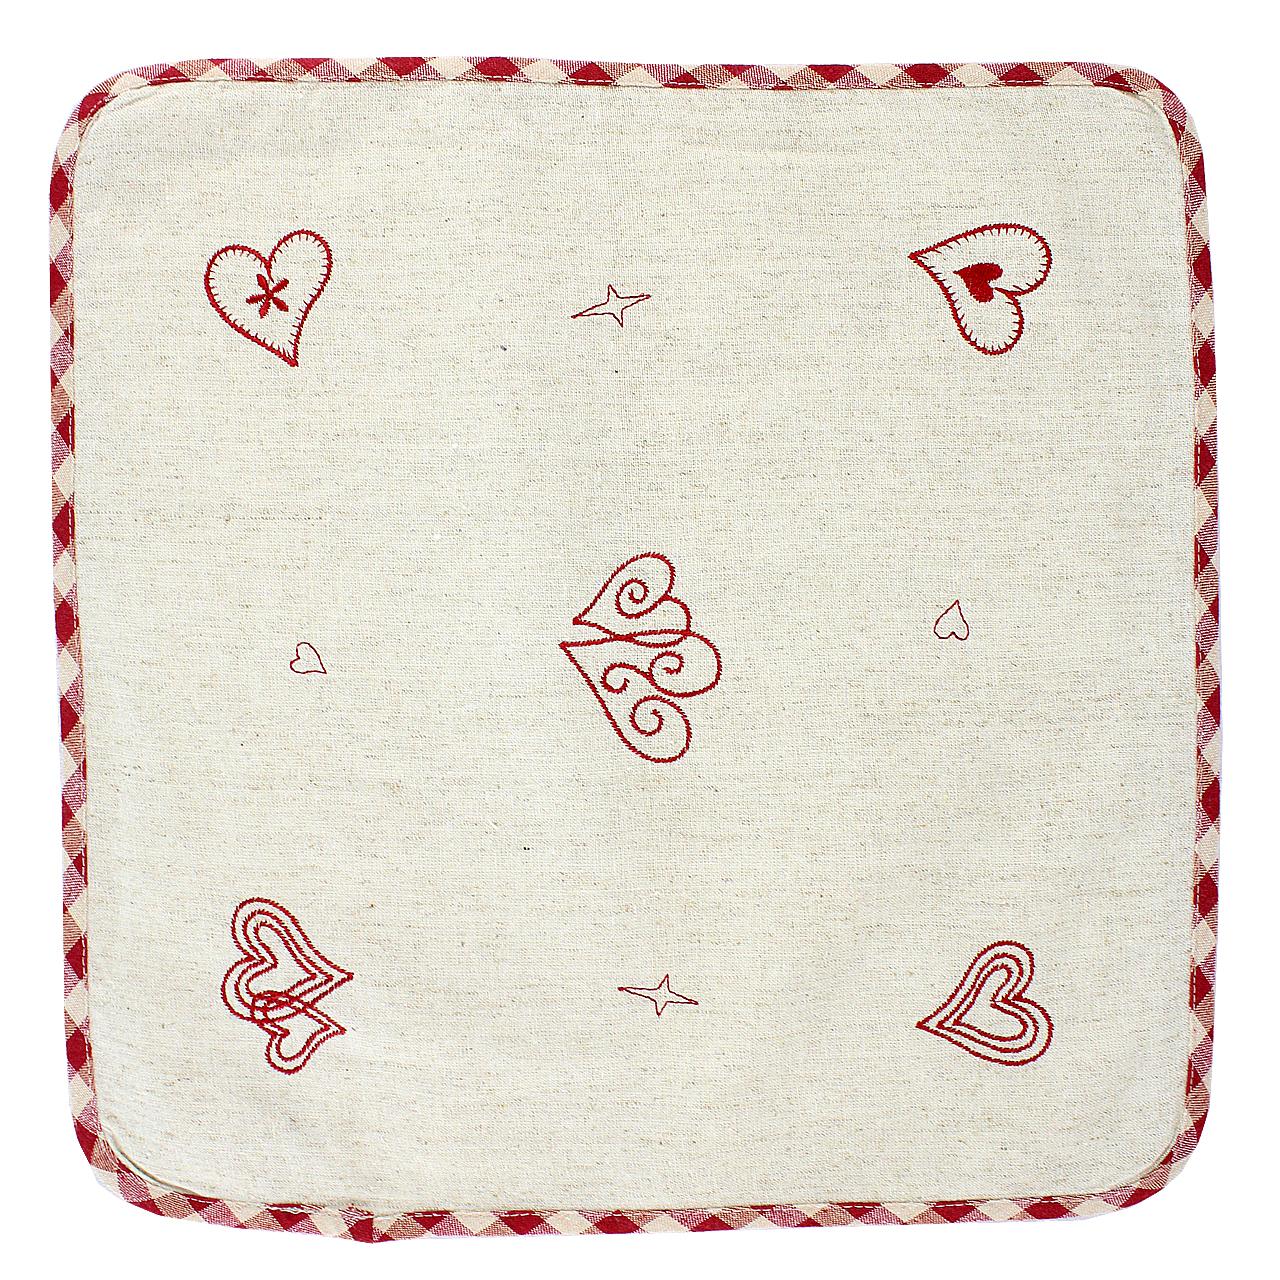 Servet De Masa Din Textil Crem Cu Inimi Brodate 40x40 Cm